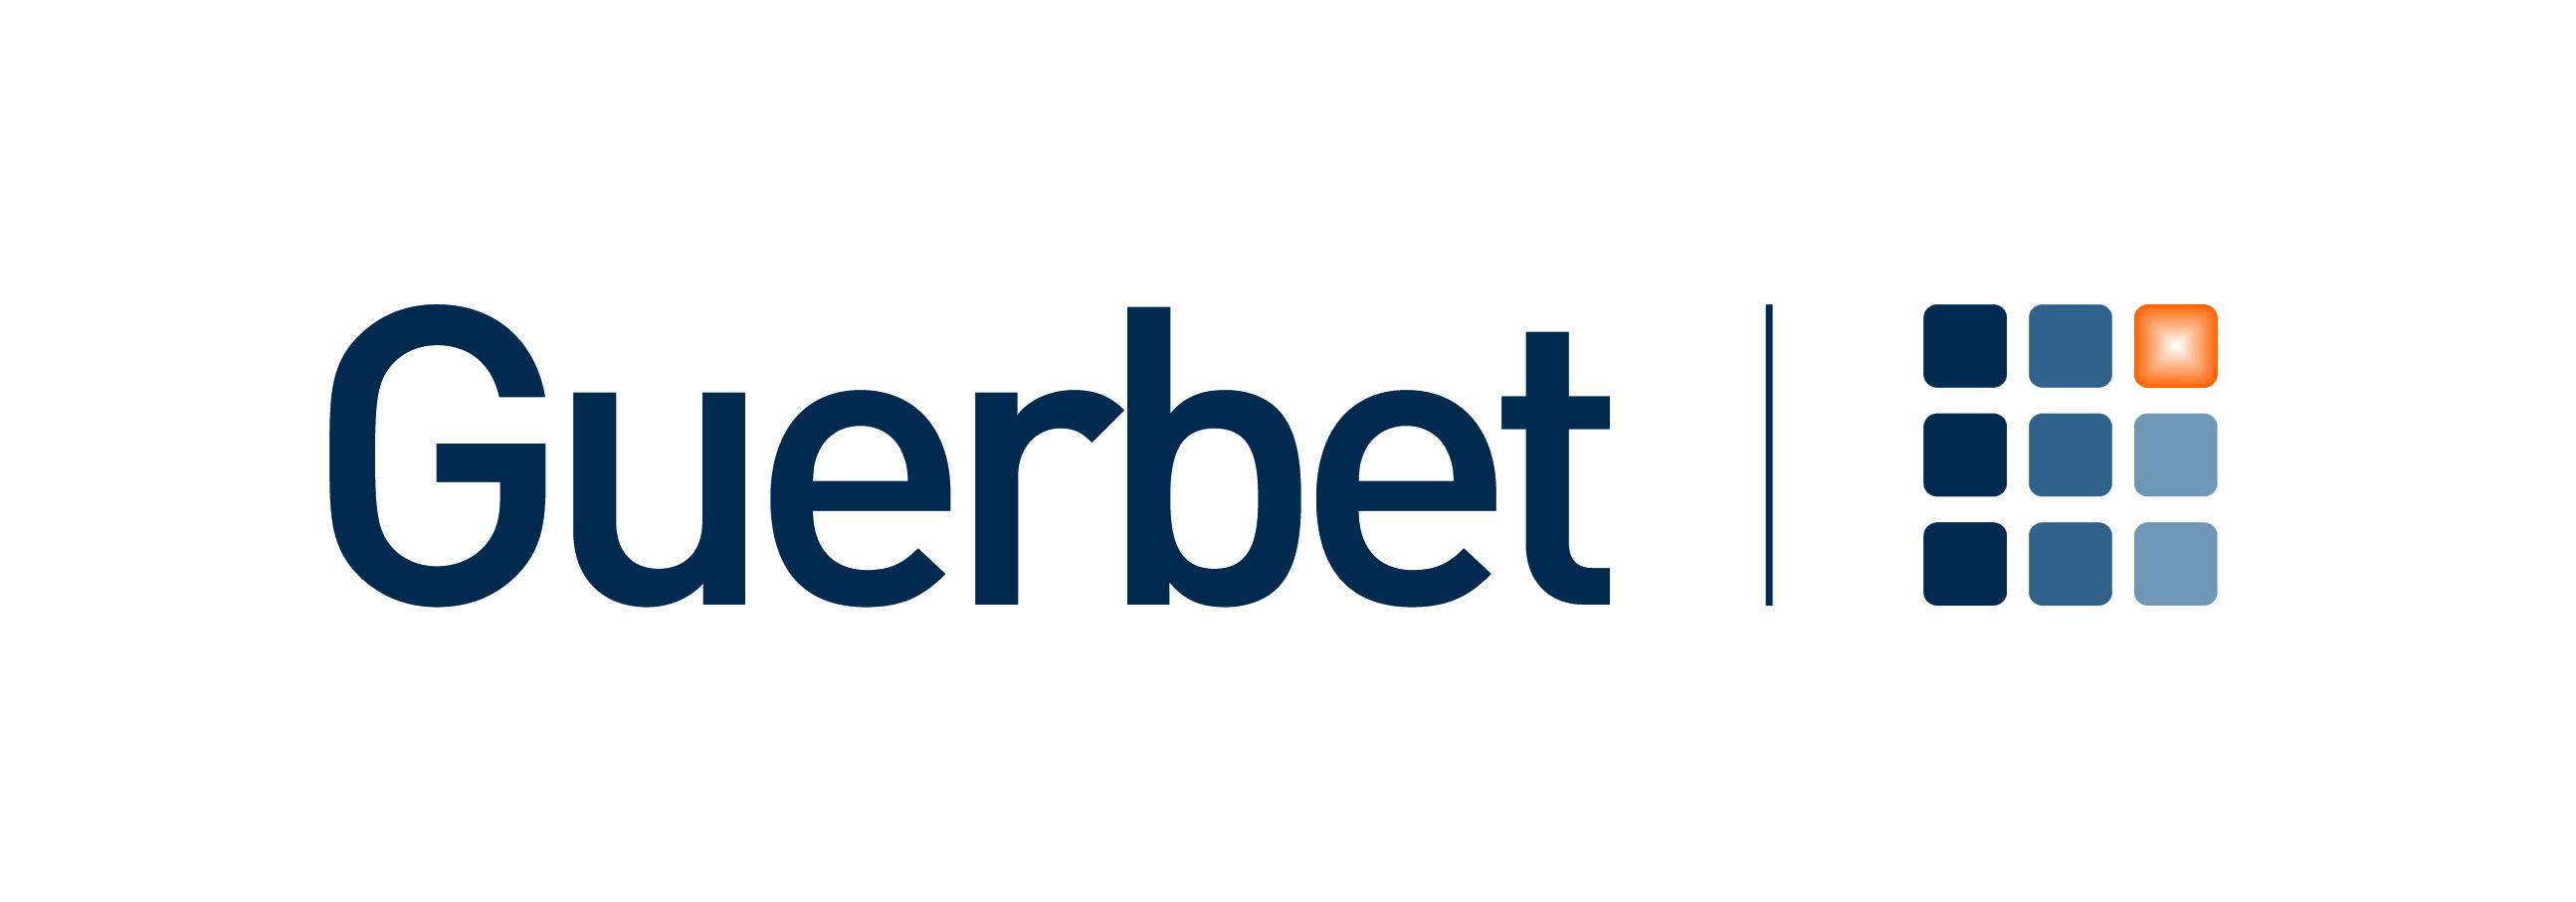 Guerbet Unveils L-F Hydra Vision™ Digital Urological Imaging System